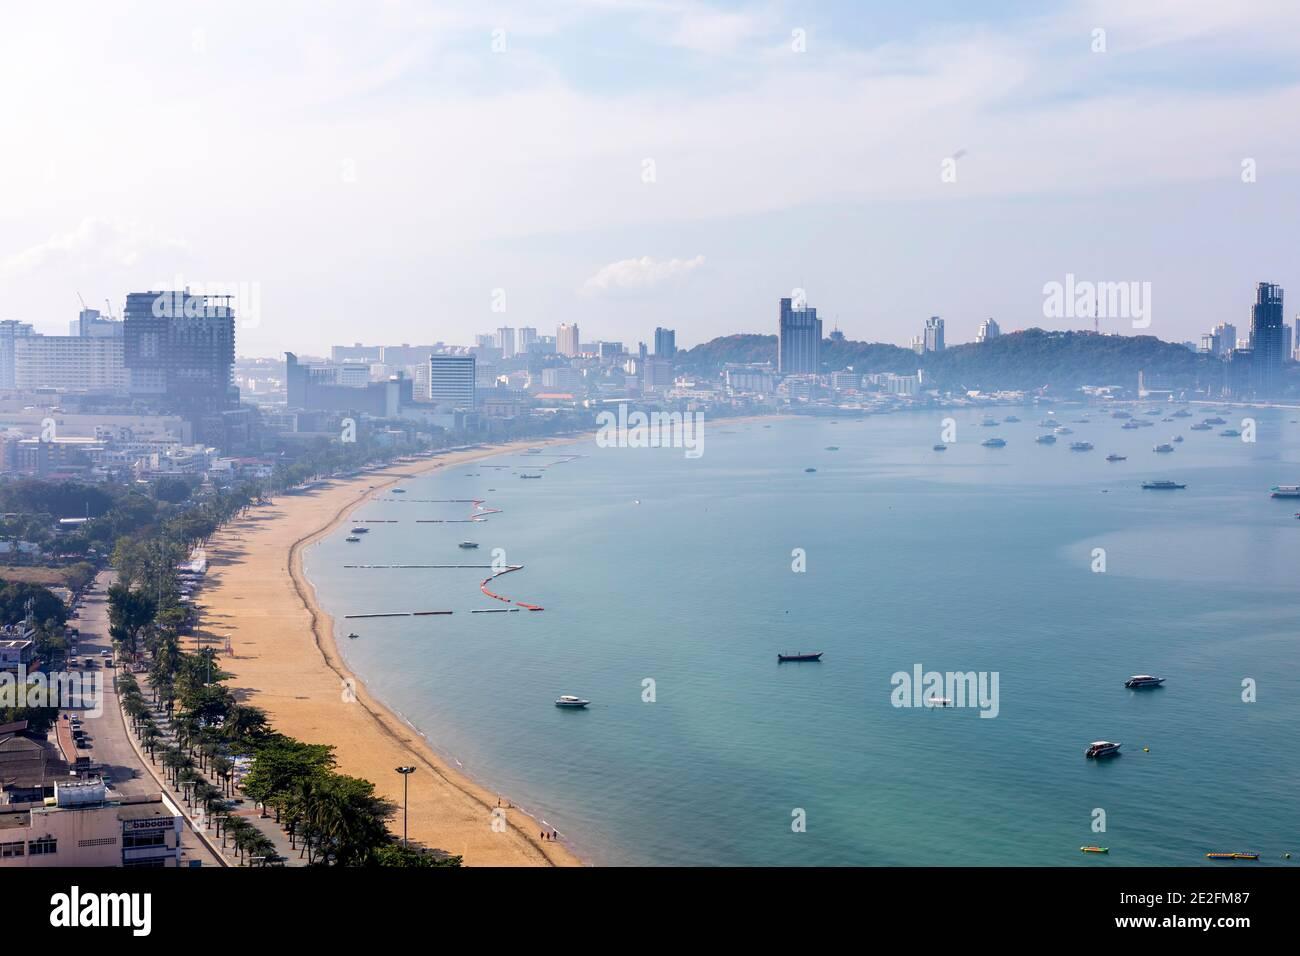 La neblina de la mañana y la contaminación, Pattaya, Chon Buri, Tailandia Foto de stock